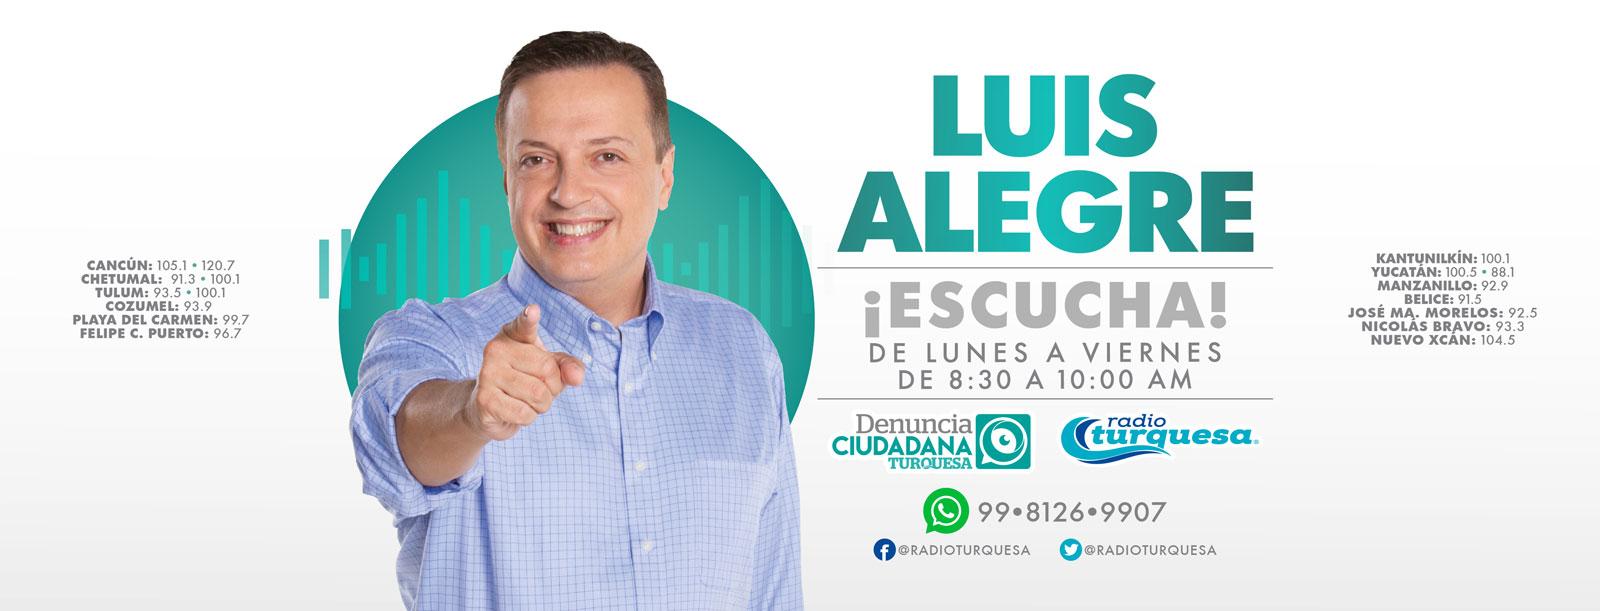 Luis Alegre Salazar Denuncia Ciudadana